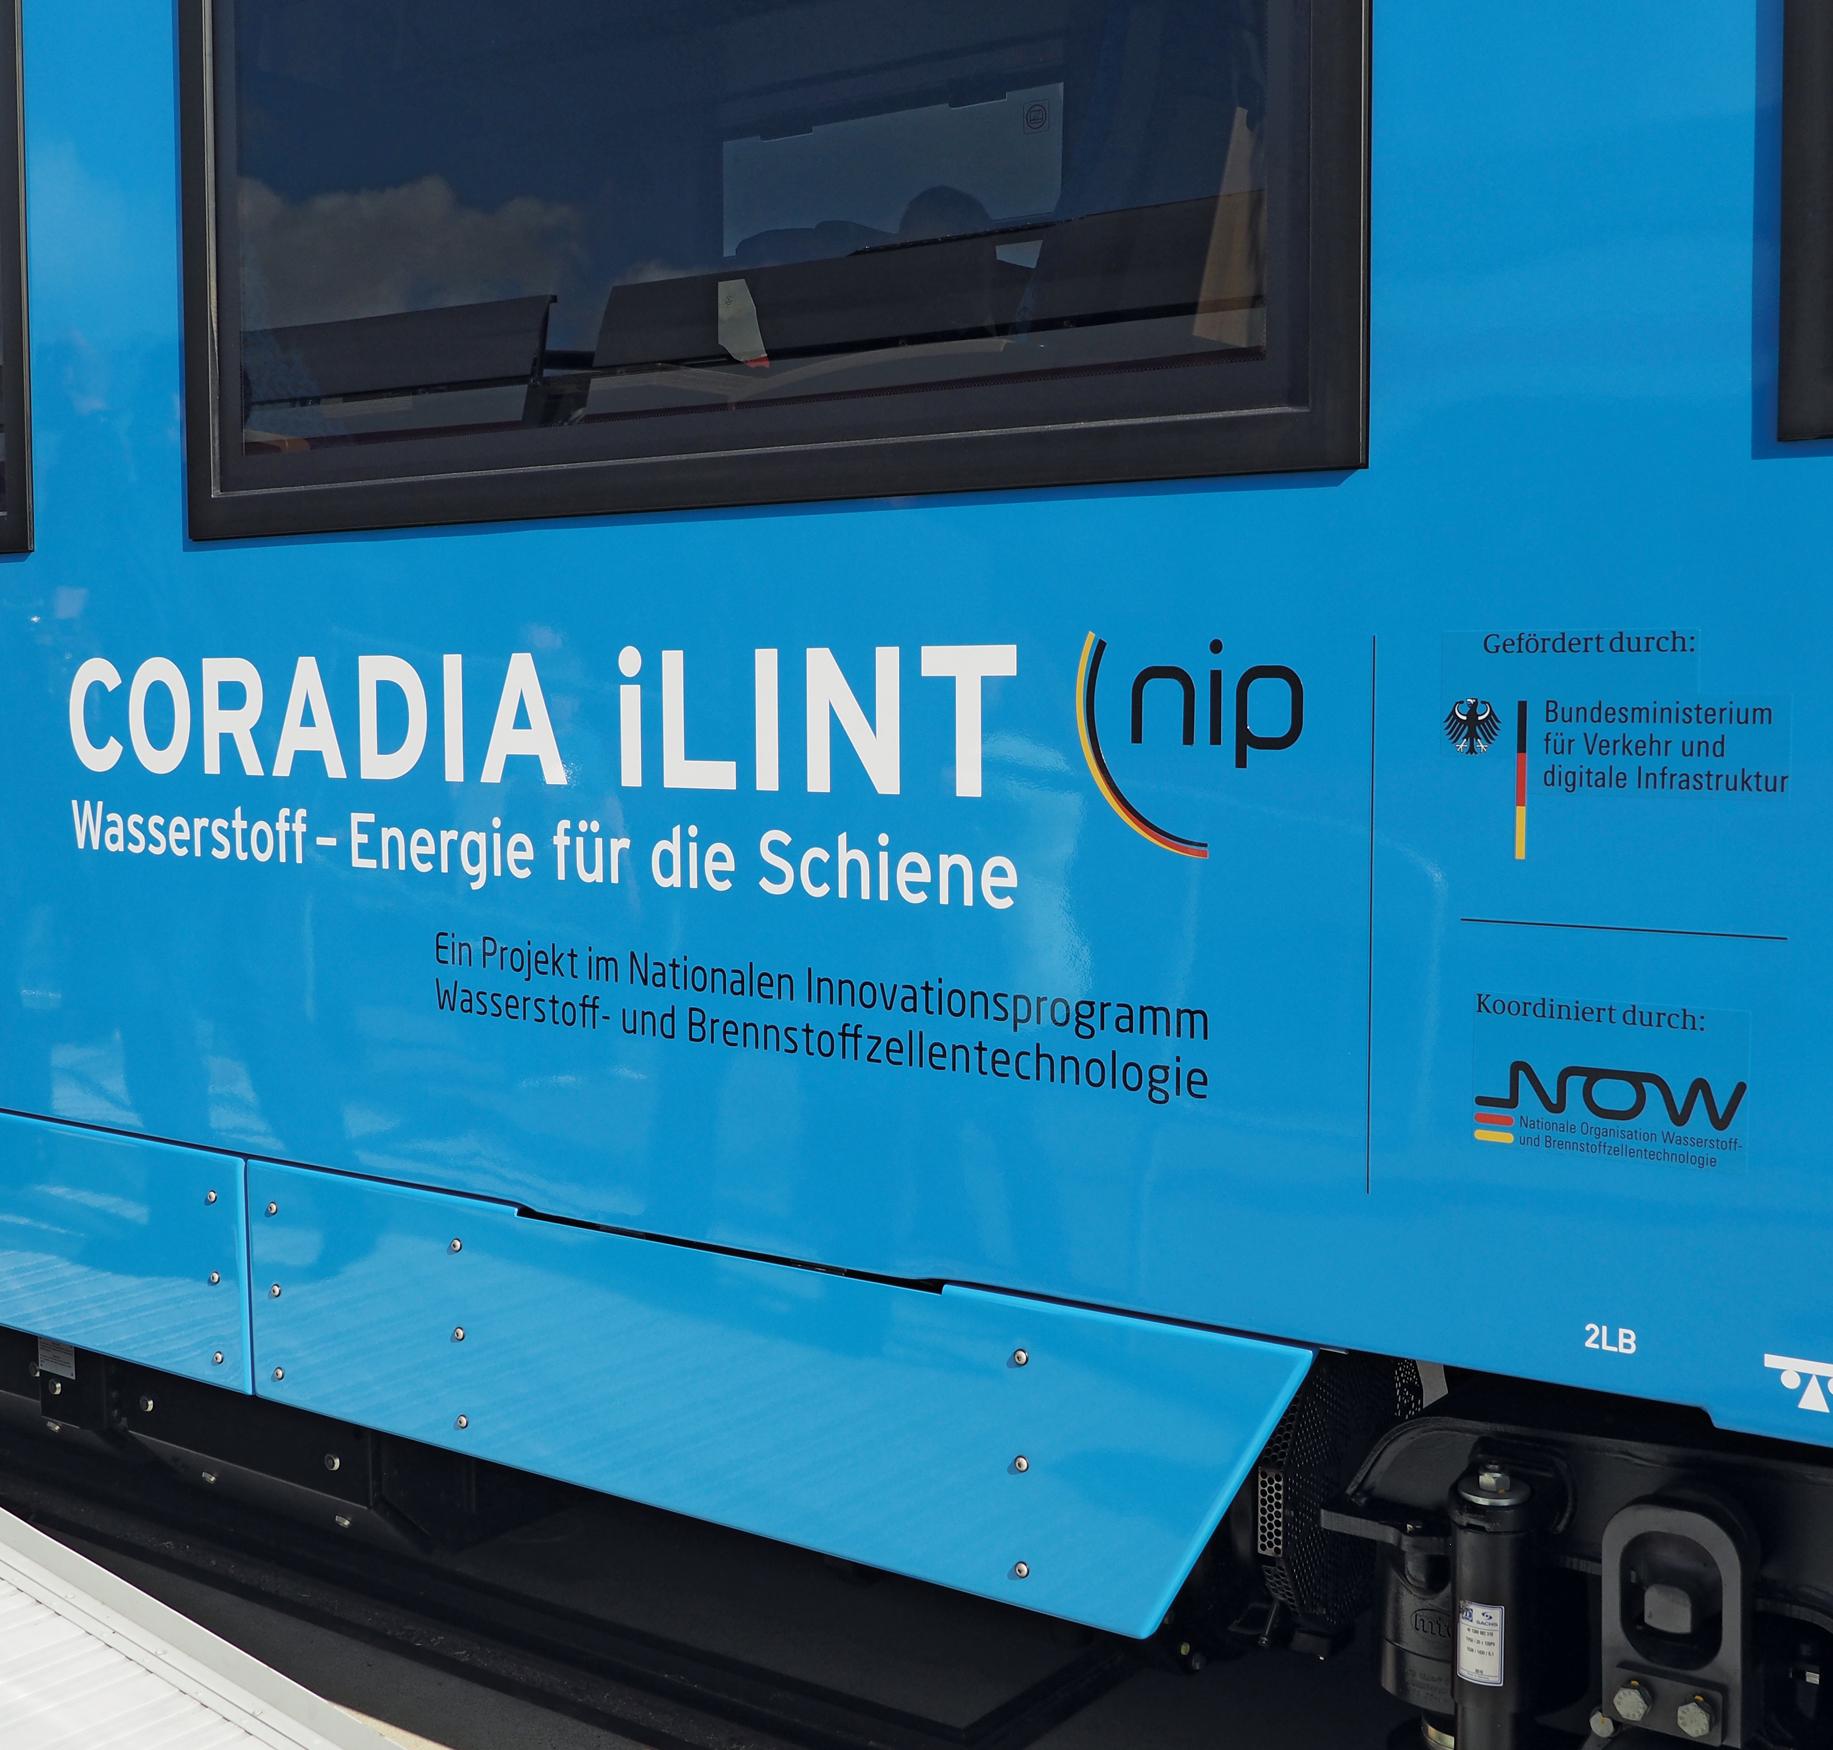 Beschriftung eines Corodia iLint-Zuges